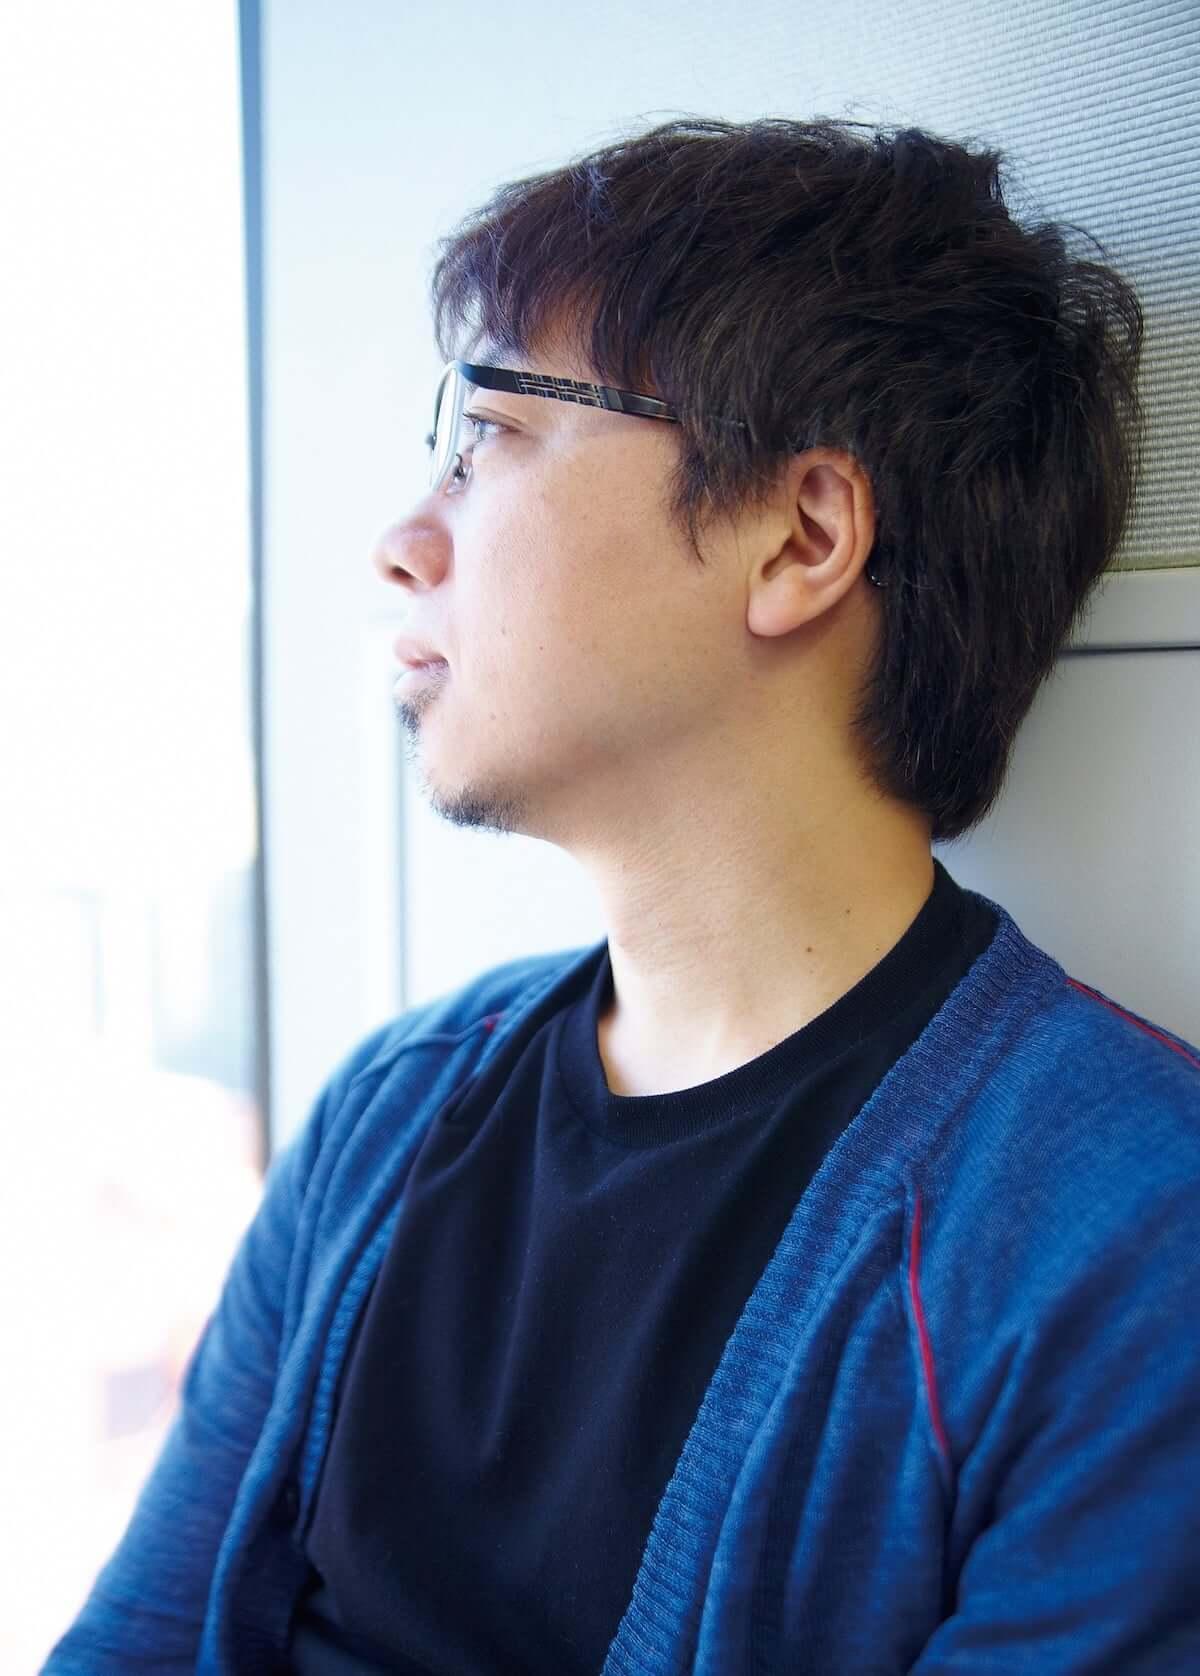 映画『天気の子』を先読み!新海誠自ら執筆の『小説 天気の子』が映画公開前日発売 life190412_tenkinoko_2-1200x1676